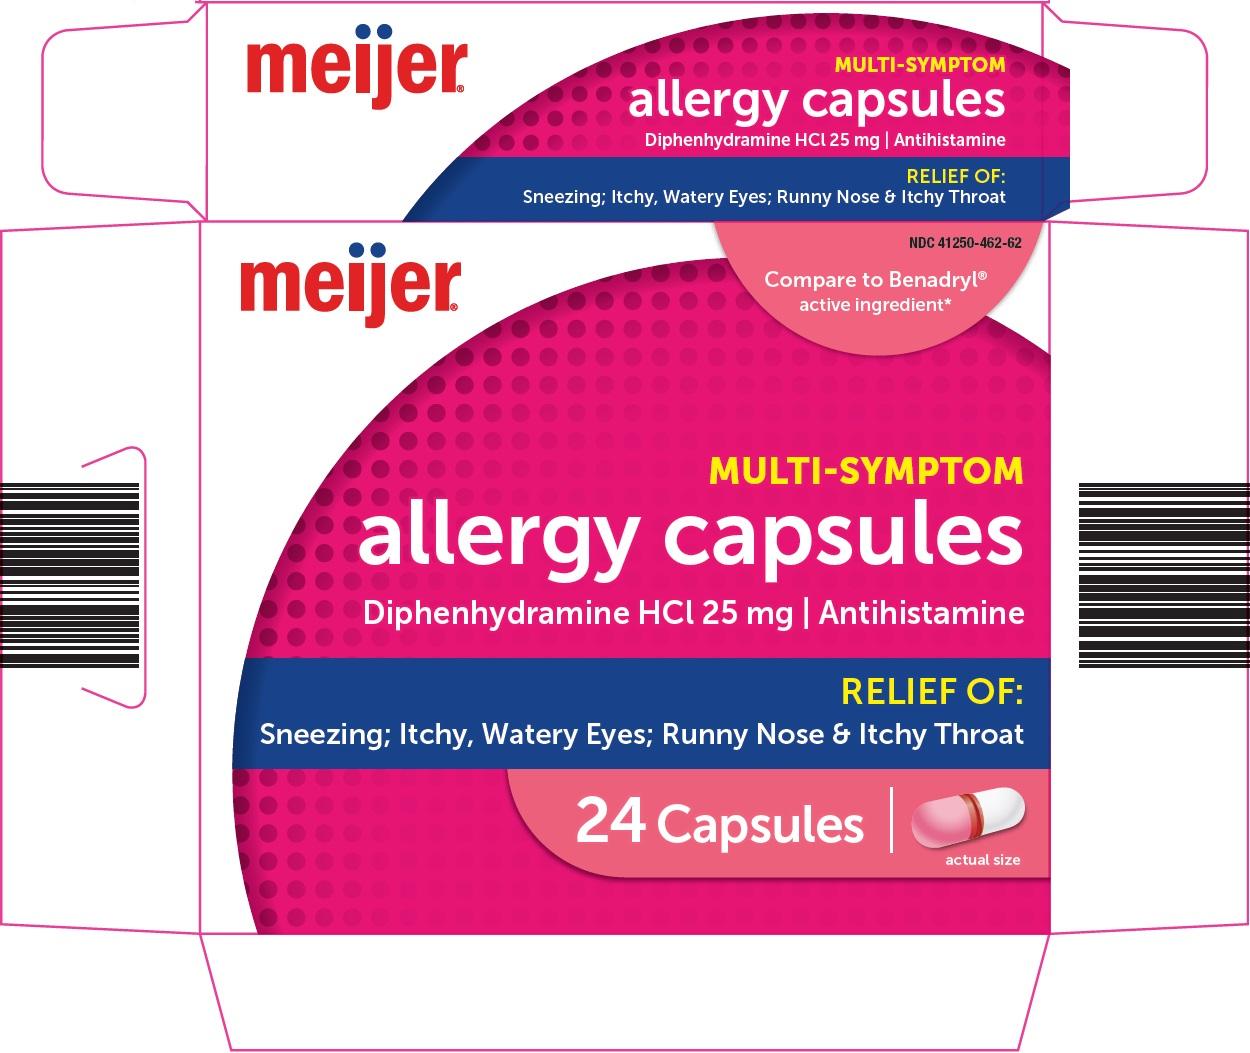 462-6e-allergy-capsules-1.jpg